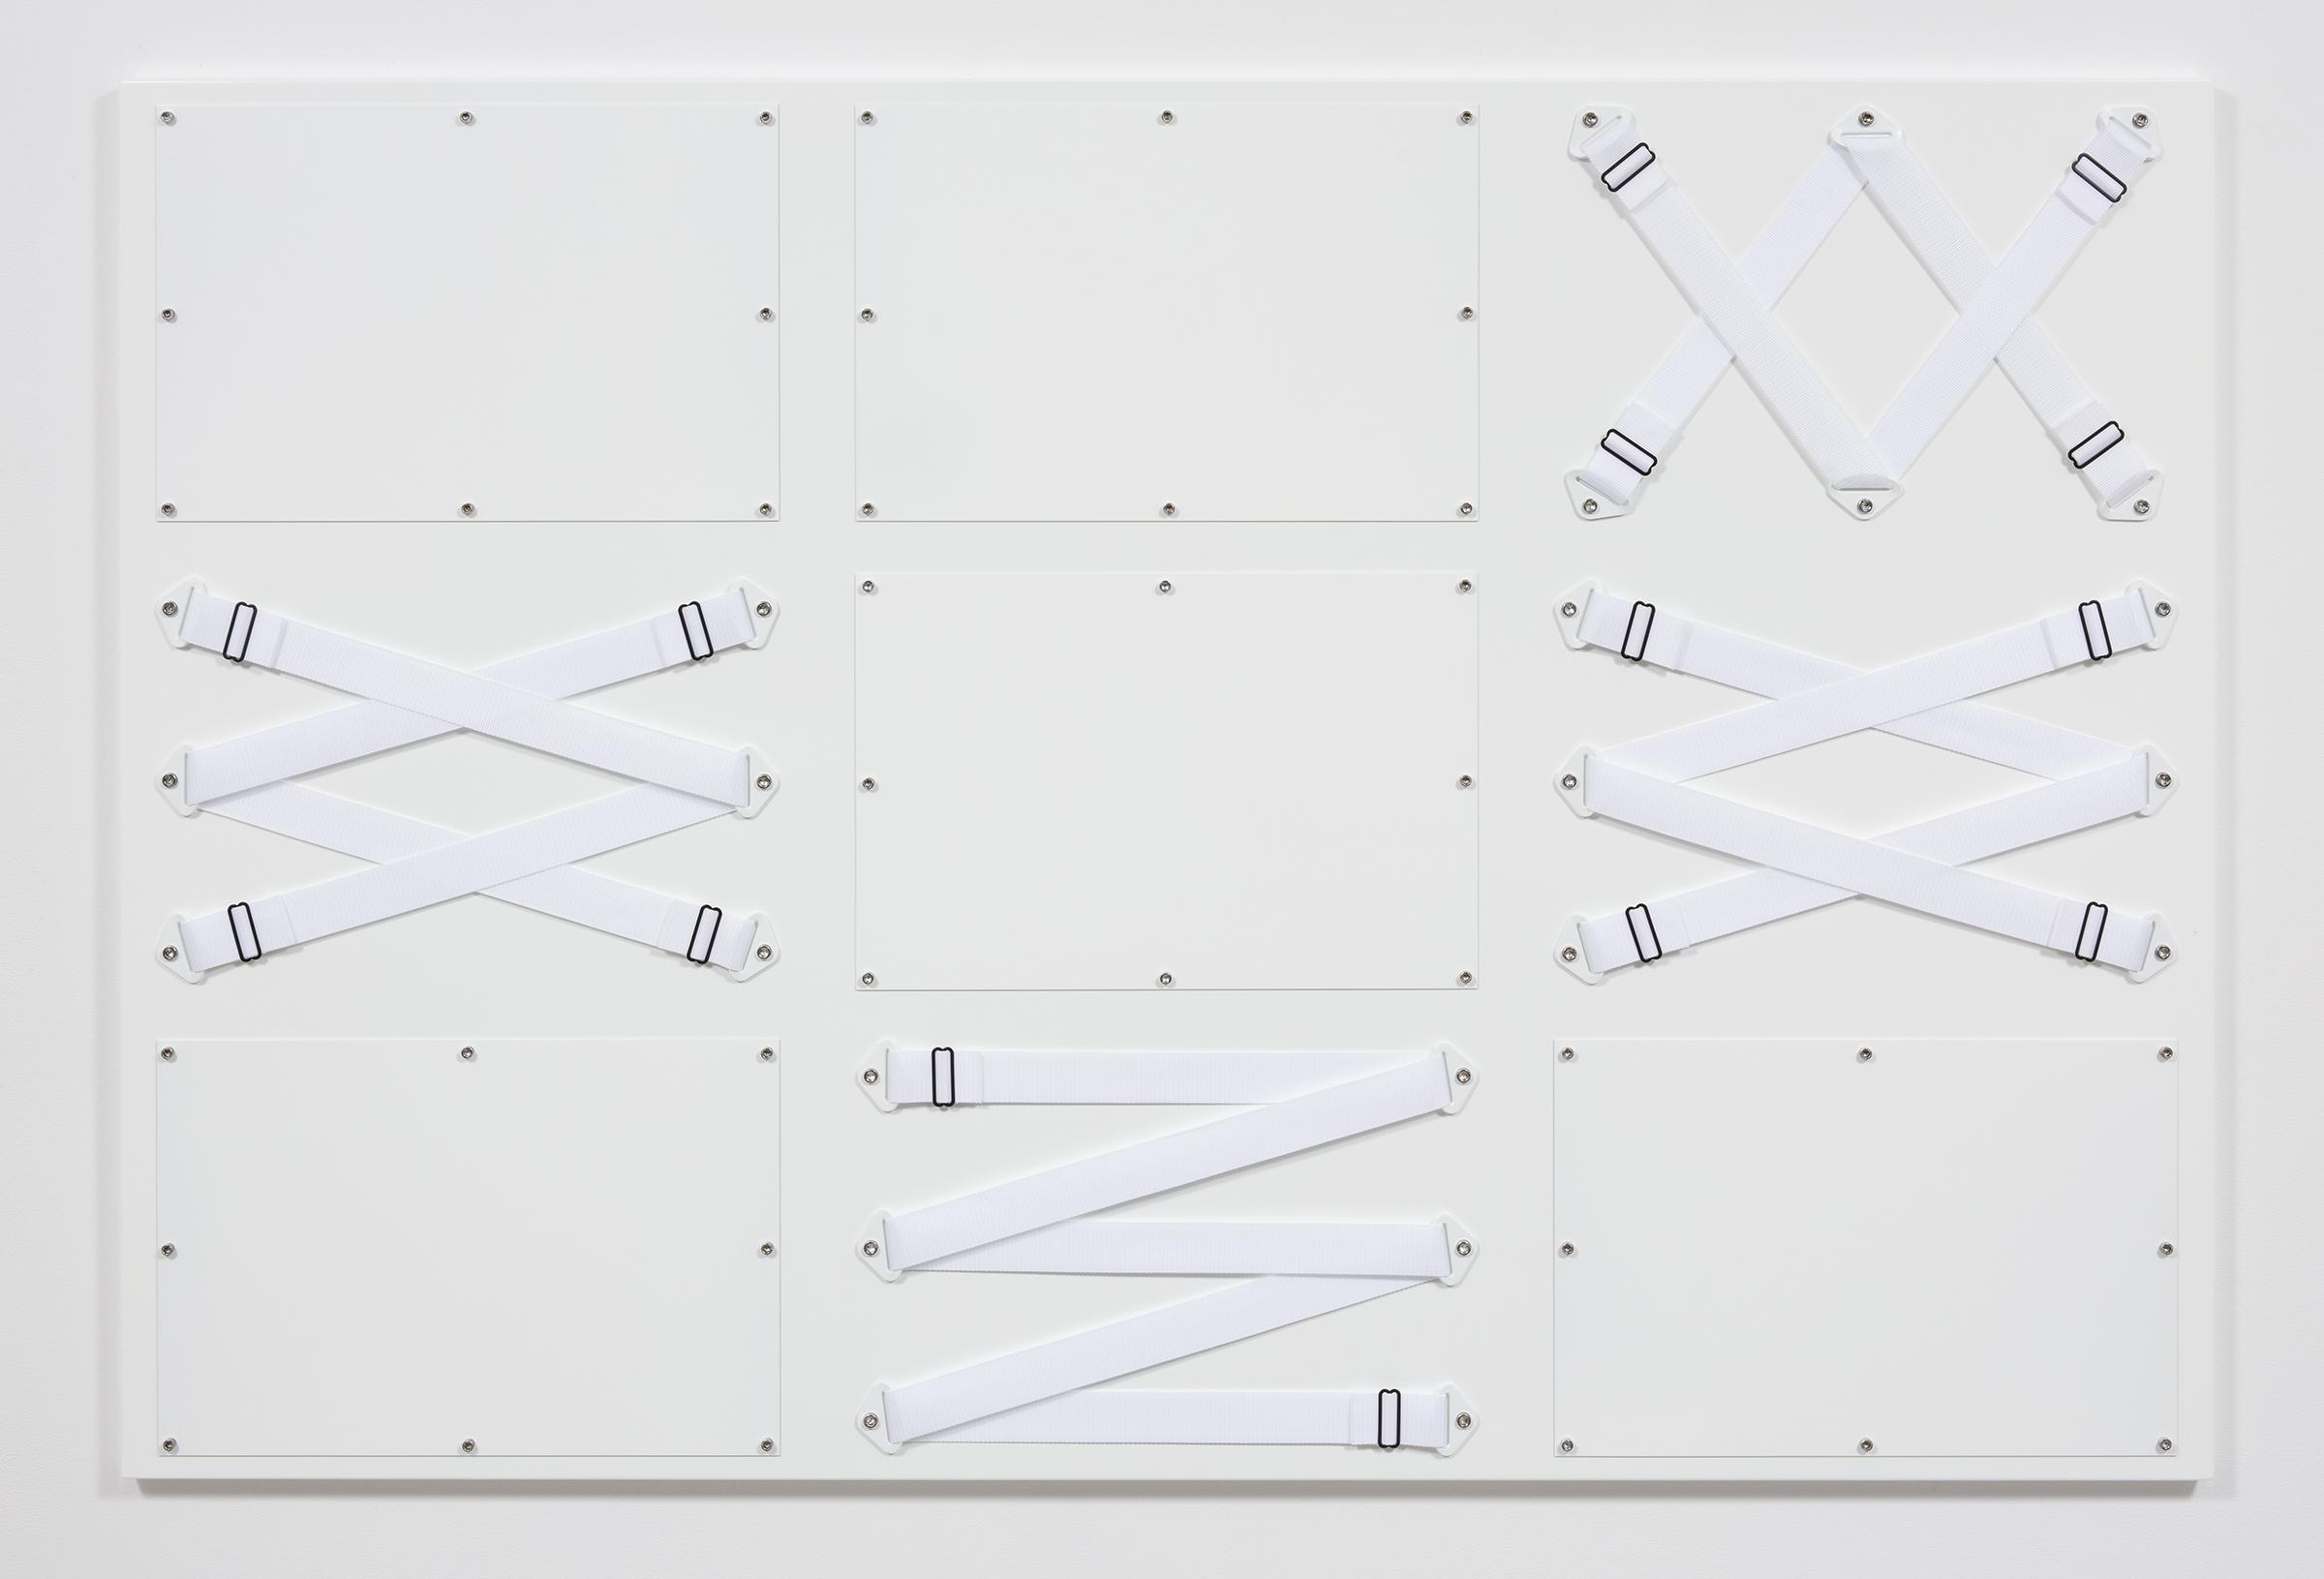 Joshua Saunders. <em>Nine Panel White</em>, 2017. Urethane on aluminum, nylon straps and stainless steel, 54 x 81 inches (137.2 x 205.7 cm)